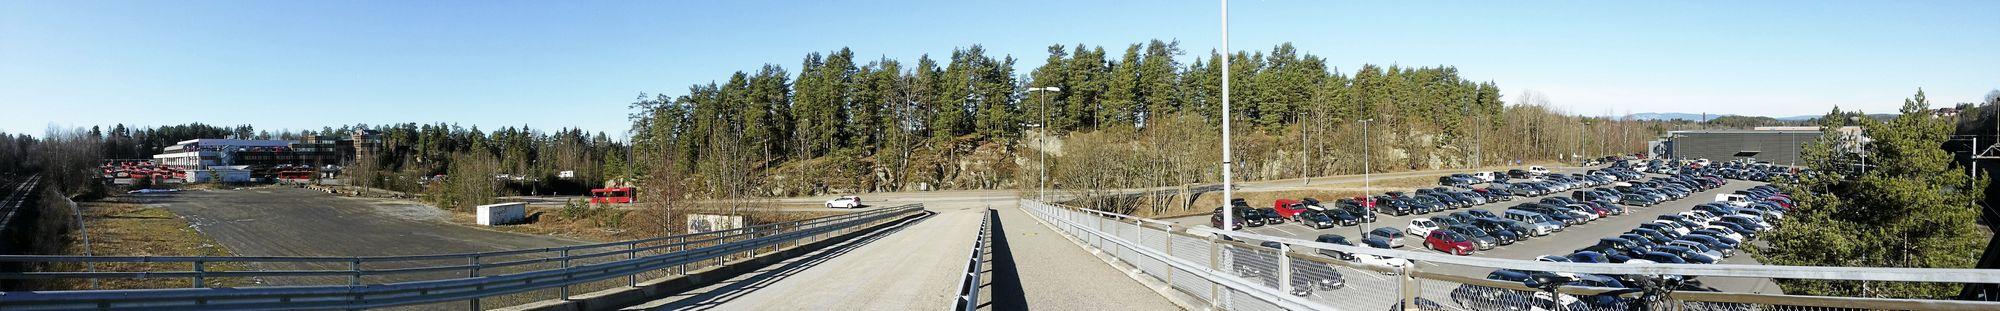 TO STORE TOMTER: Oppegård eier tomten til venstre for broen, mens Oslo eier tomten som er til høyre for broen. Foto: Yana Stubberudlien